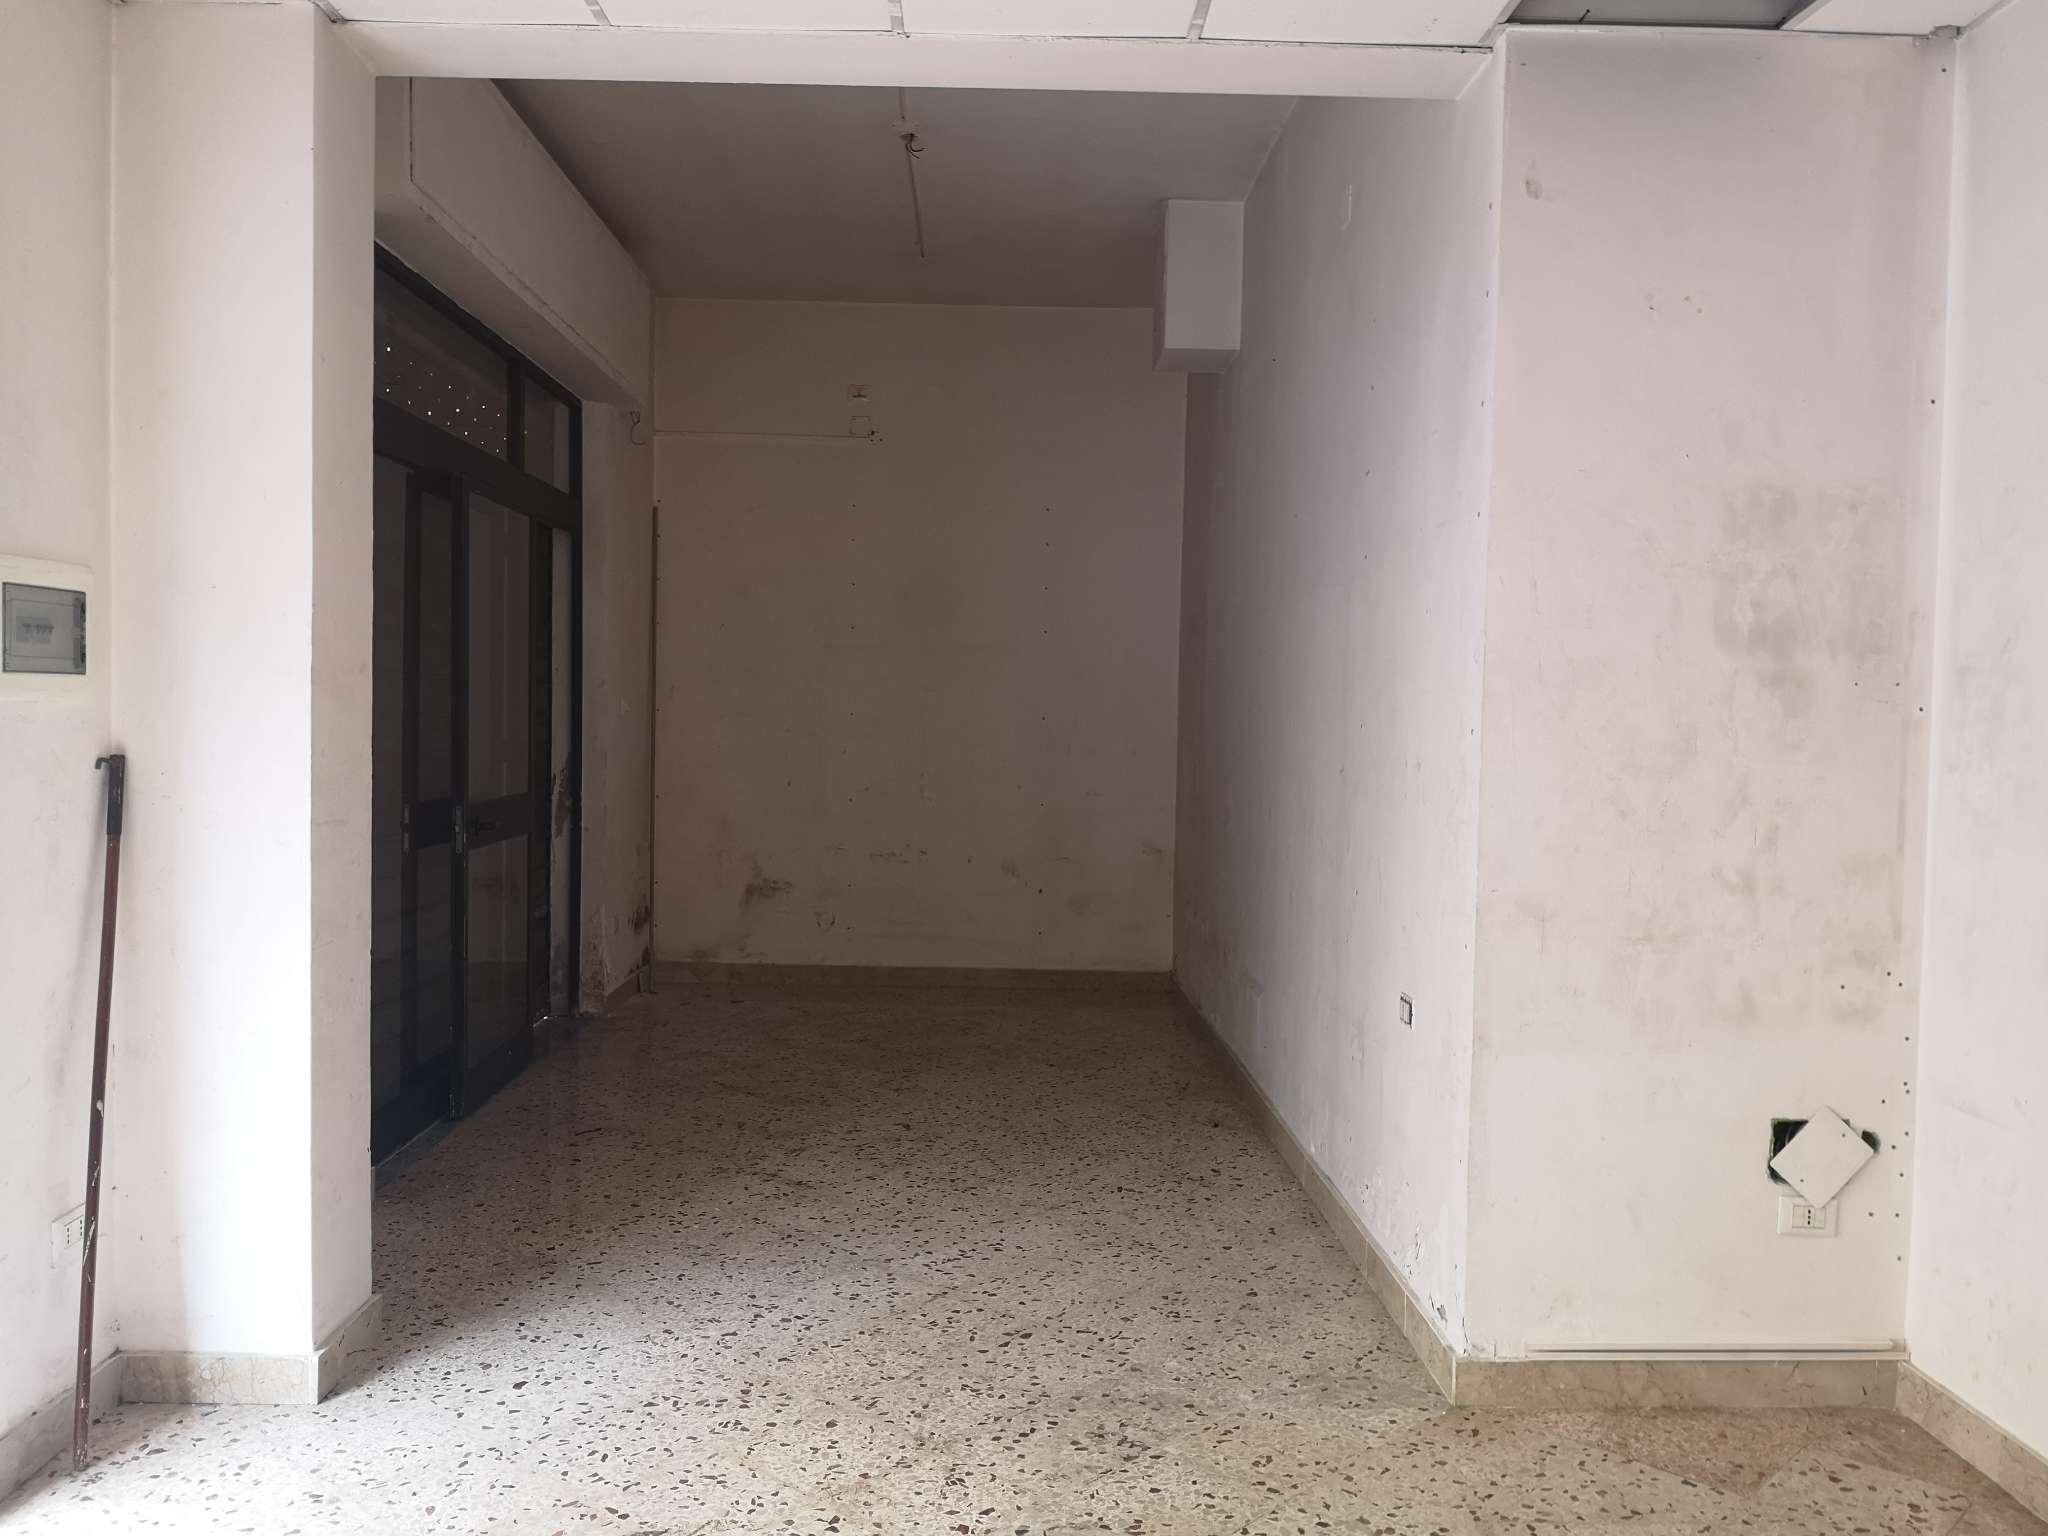 Negozio-locale in Affitto a Palermo: 2 locali, 33 mq